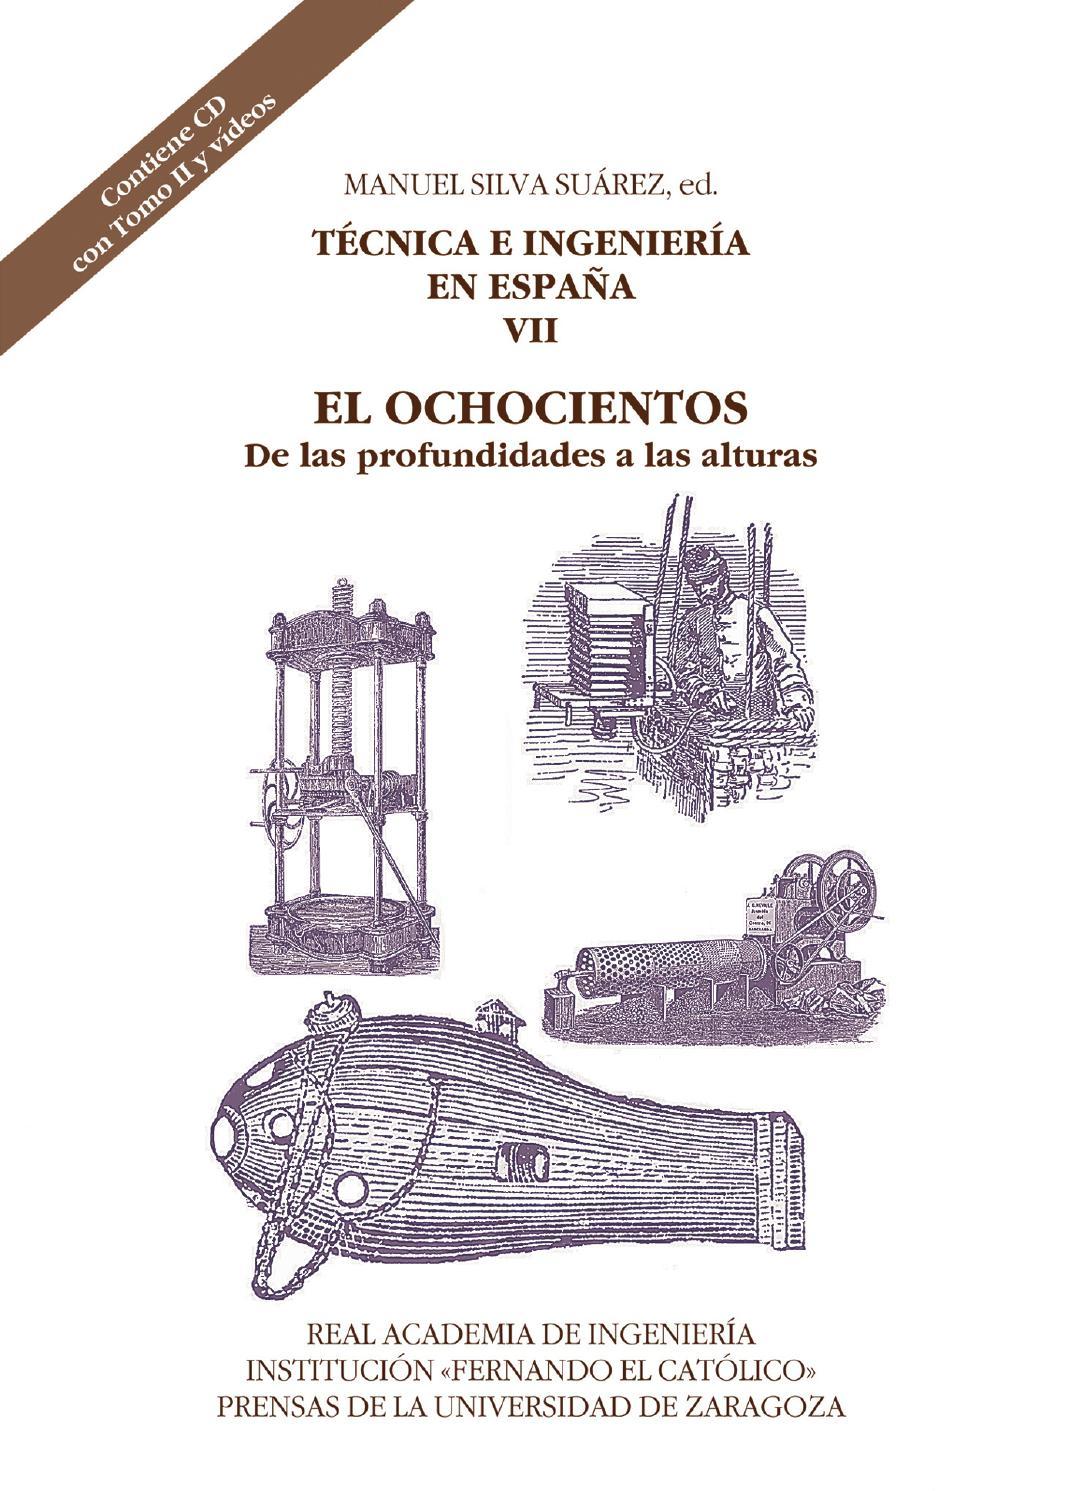 De las profundidades a las alturas by Real Academia de Ingeniería - issuu 1633f300bf8af